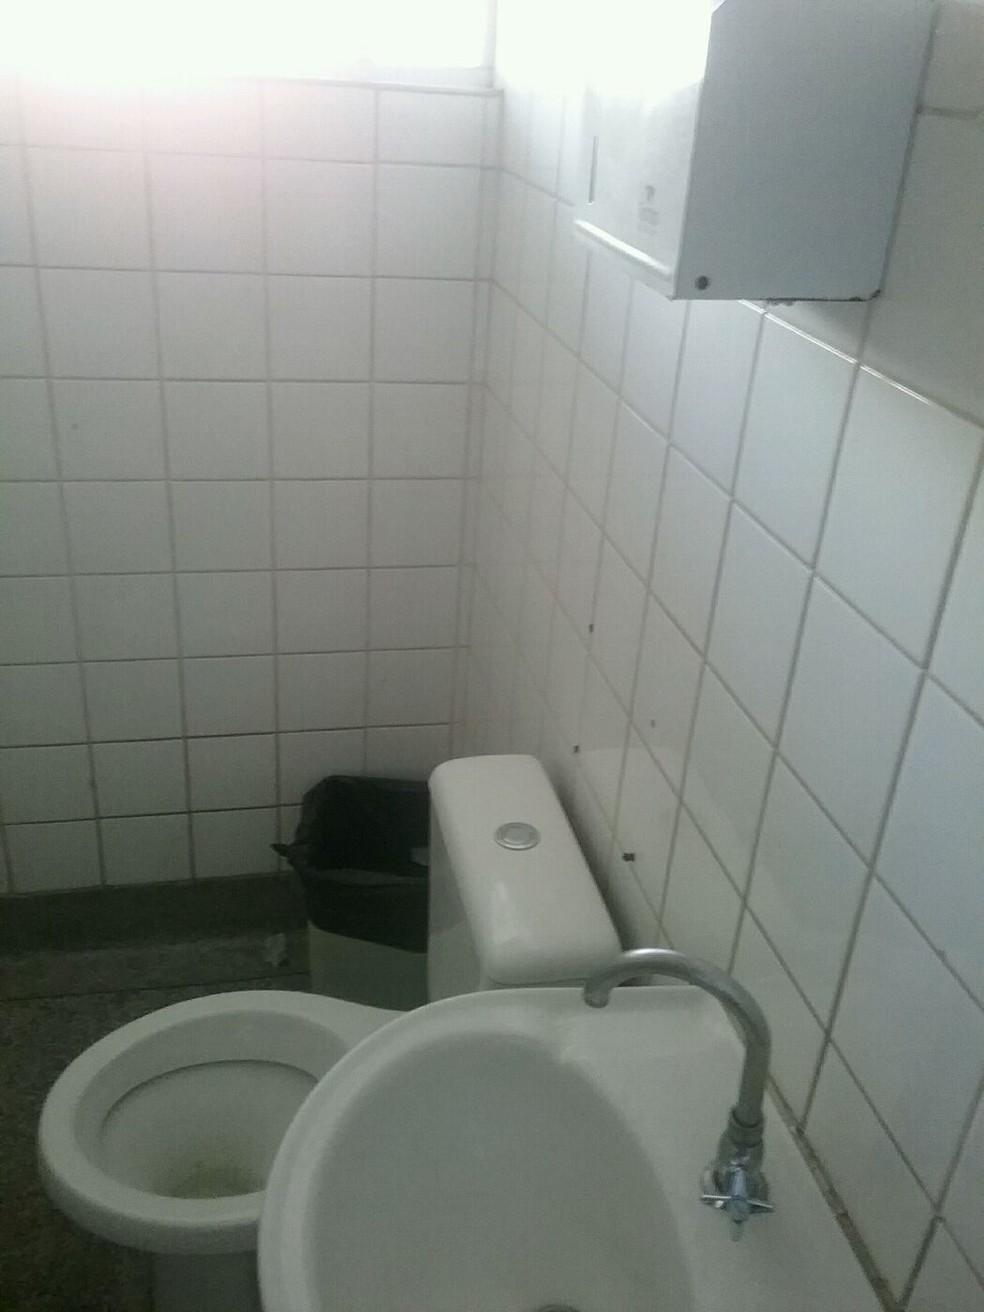 Relatório do TCE aponta falta de assepsia no banheiro da UPA São José, em Campinas (SP) — Foto: TCE/Divulgação